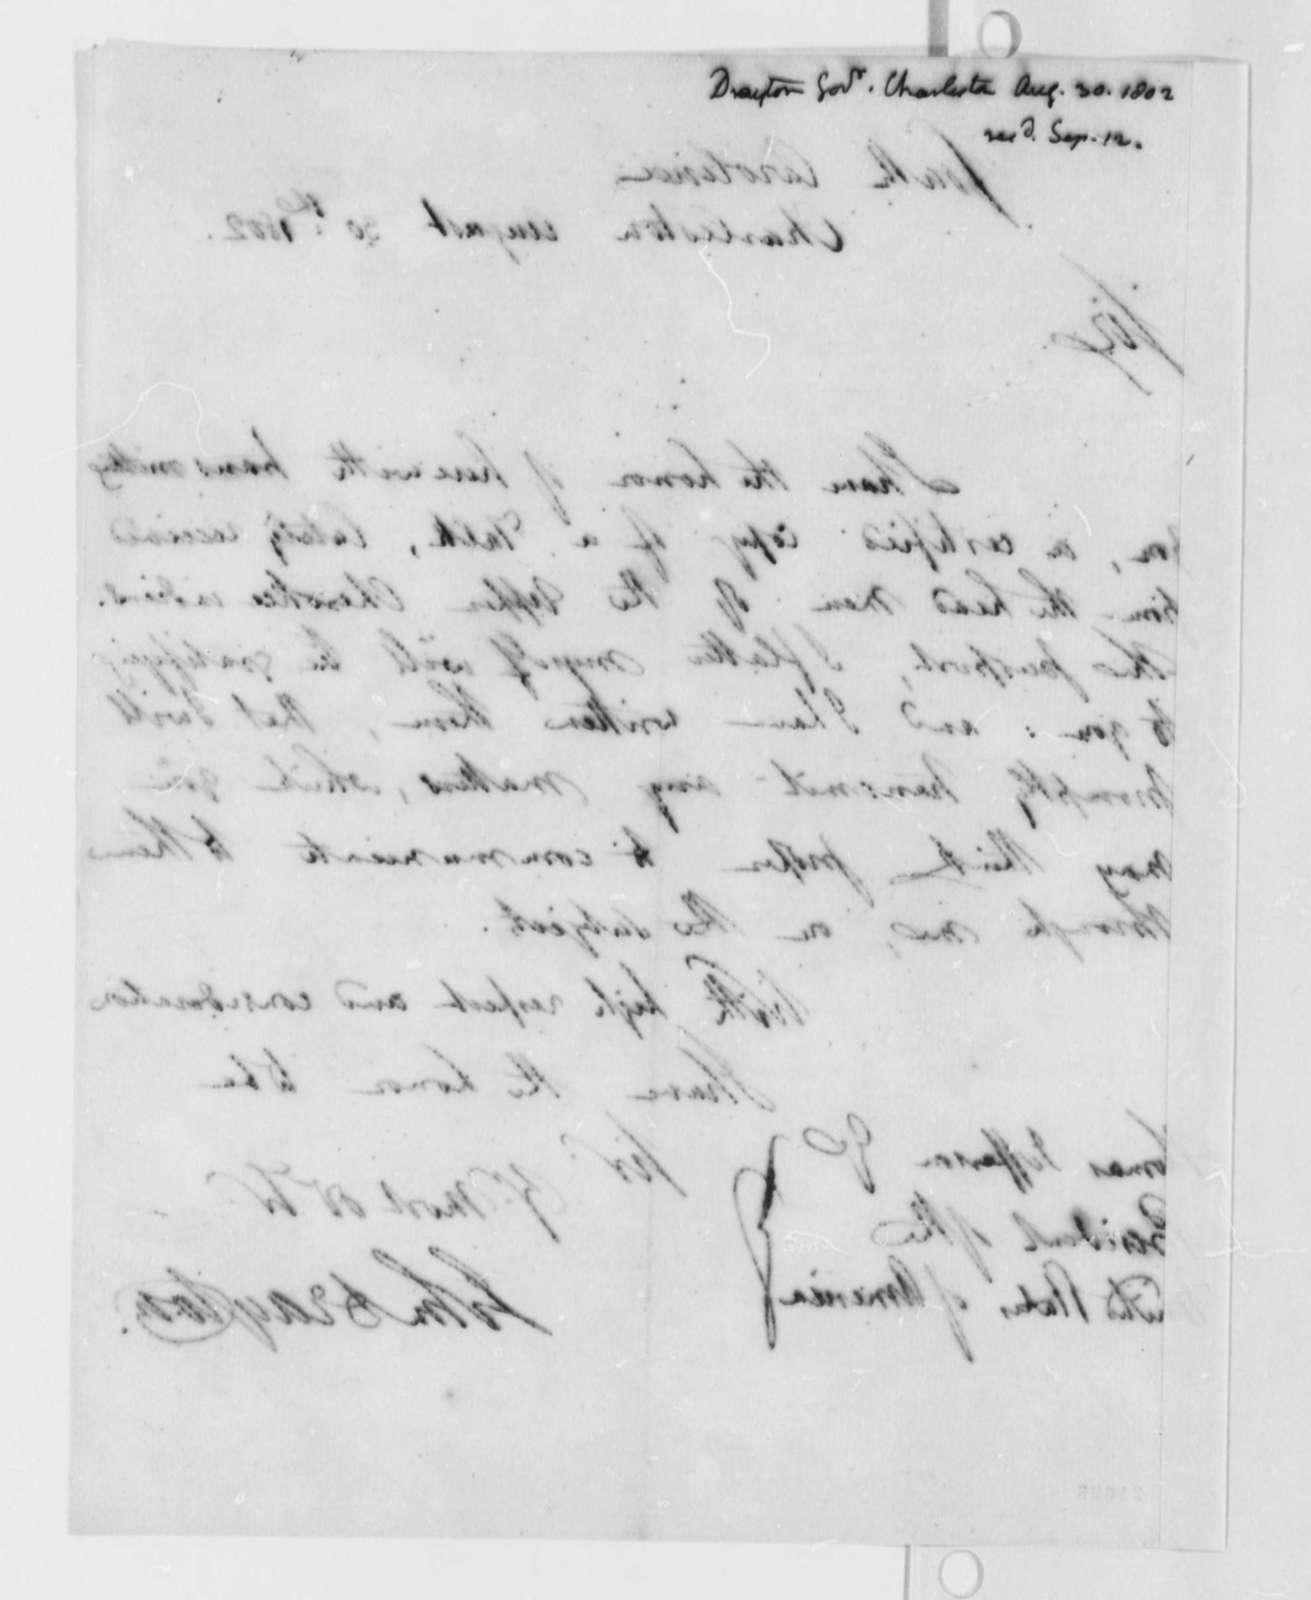 John Drayton to Thomas Jefferson, August 30, 1802